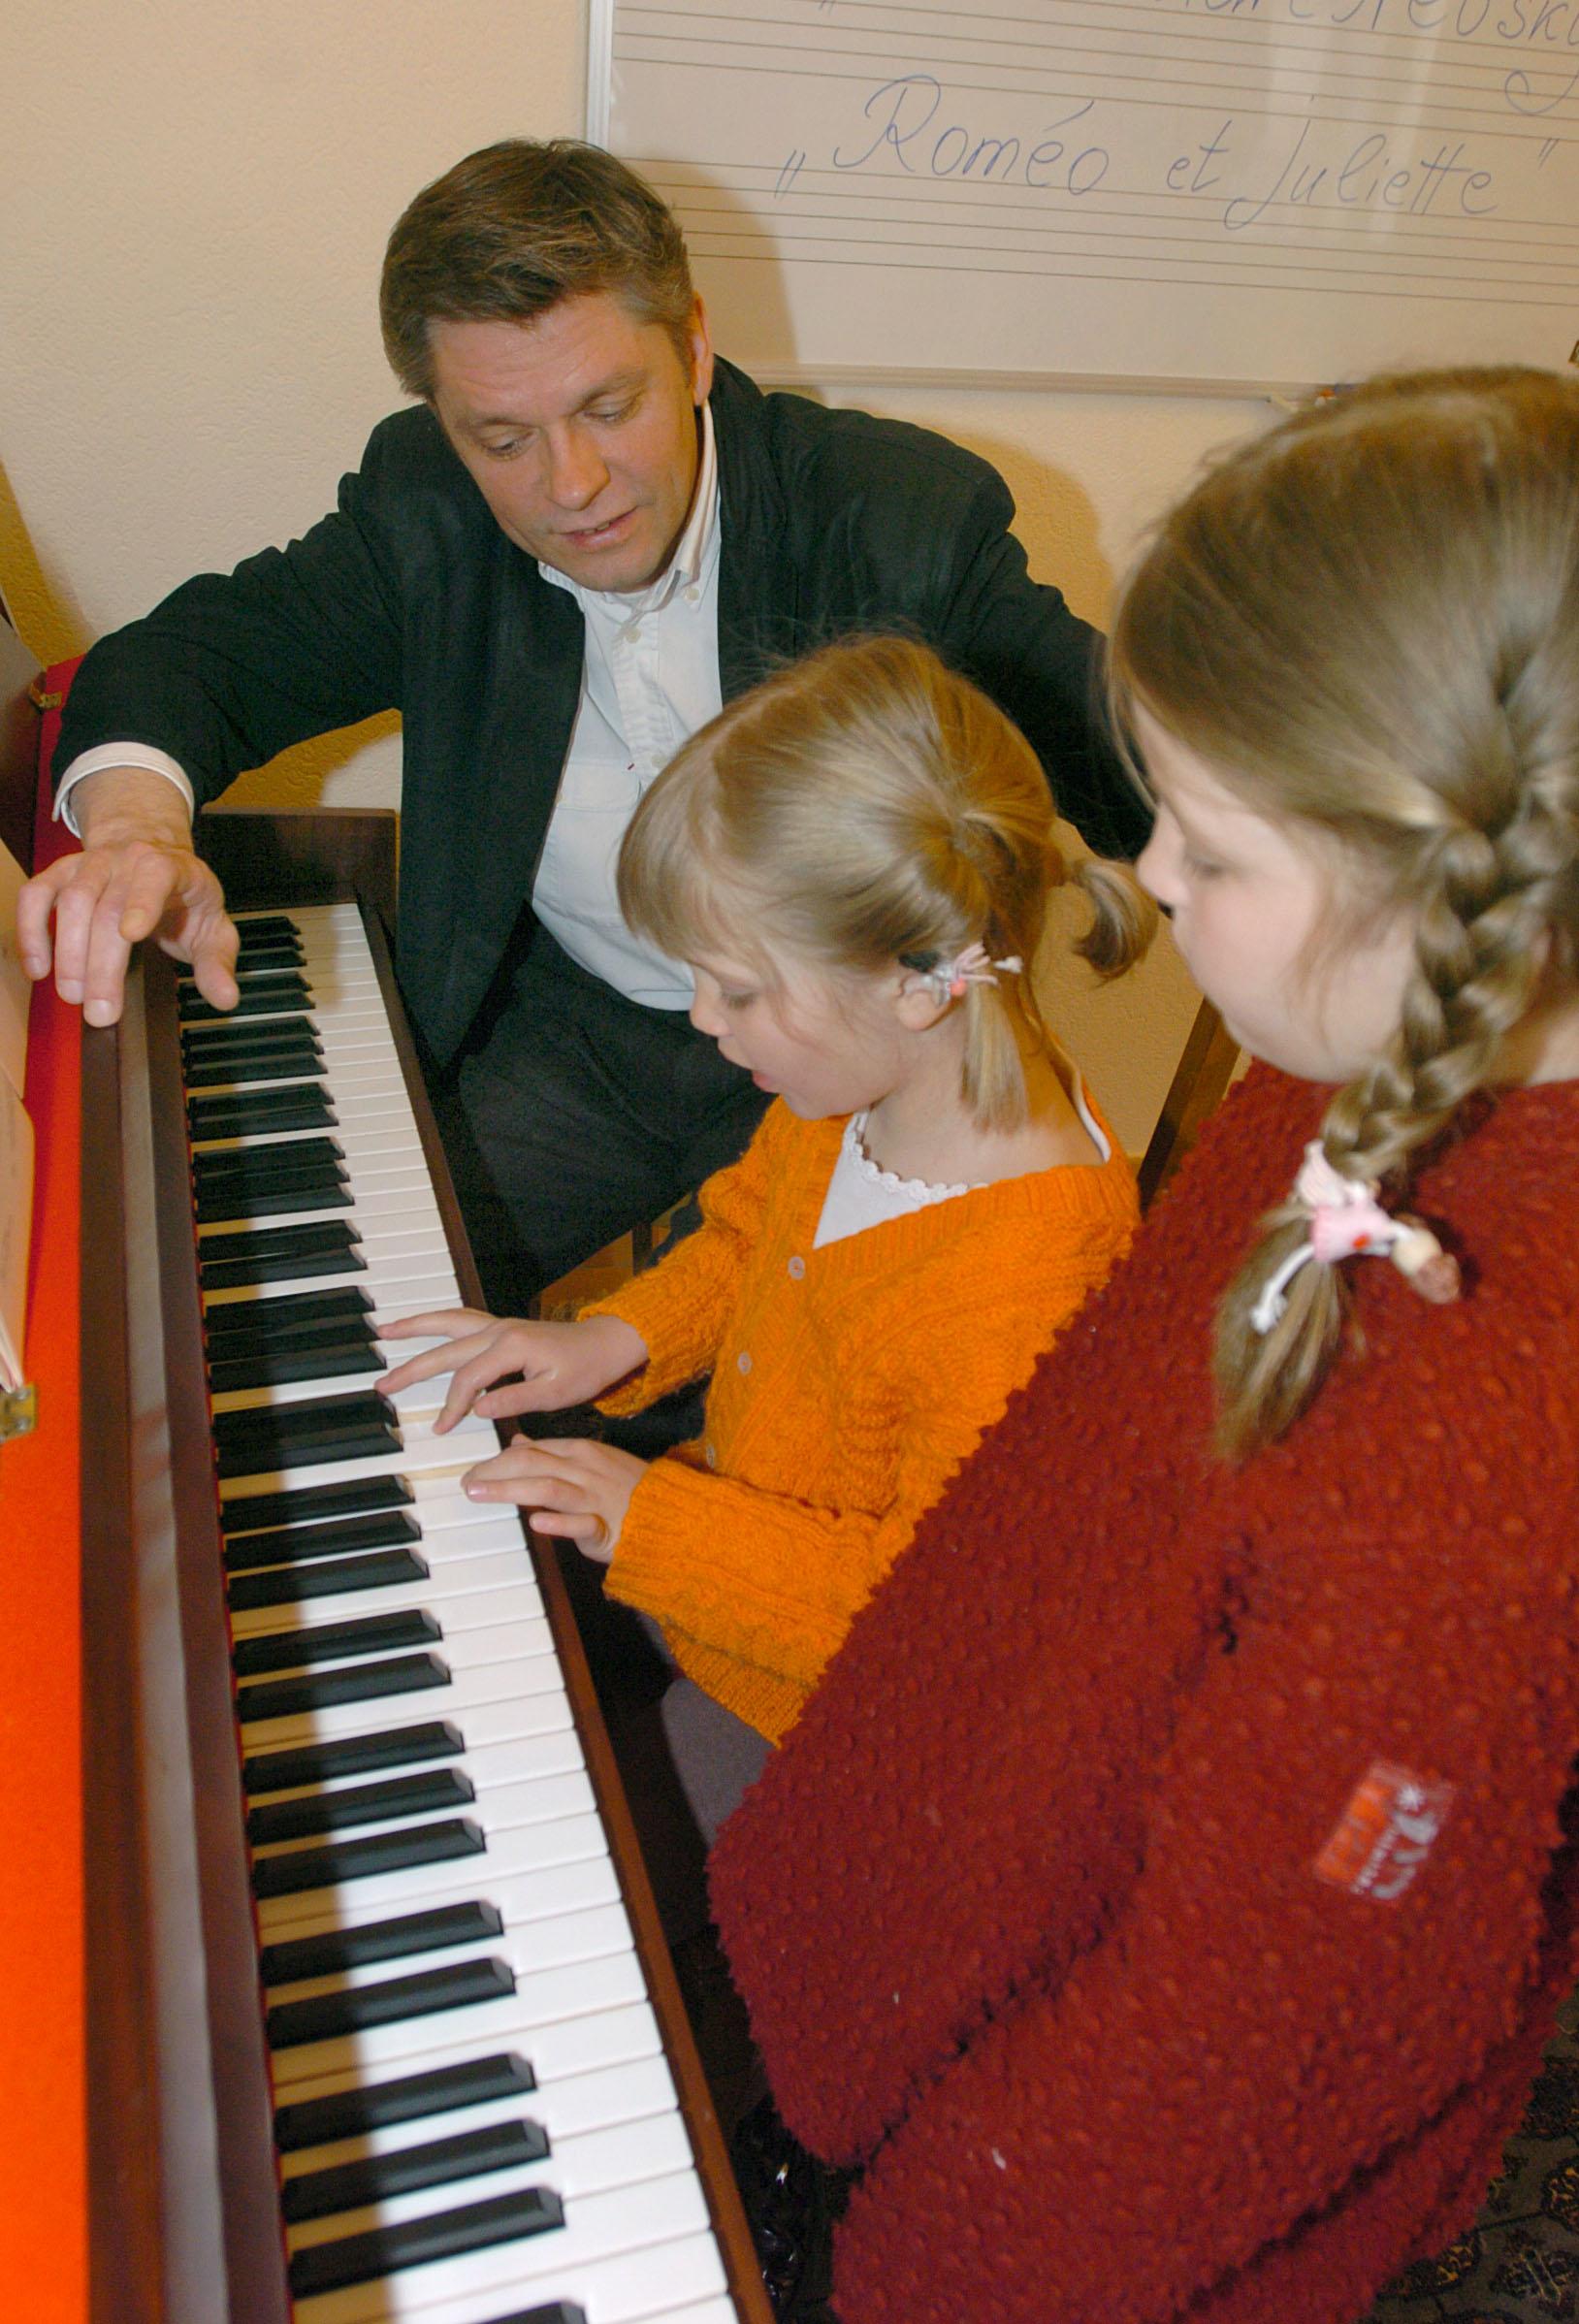 Lausanne .13.04.05. nouvelle école de musique à la rue des Alpes, avec Sergueï Tcherkassov, professeur. sur la photo Emilie et Louise au cours de piano. ©janine jousson